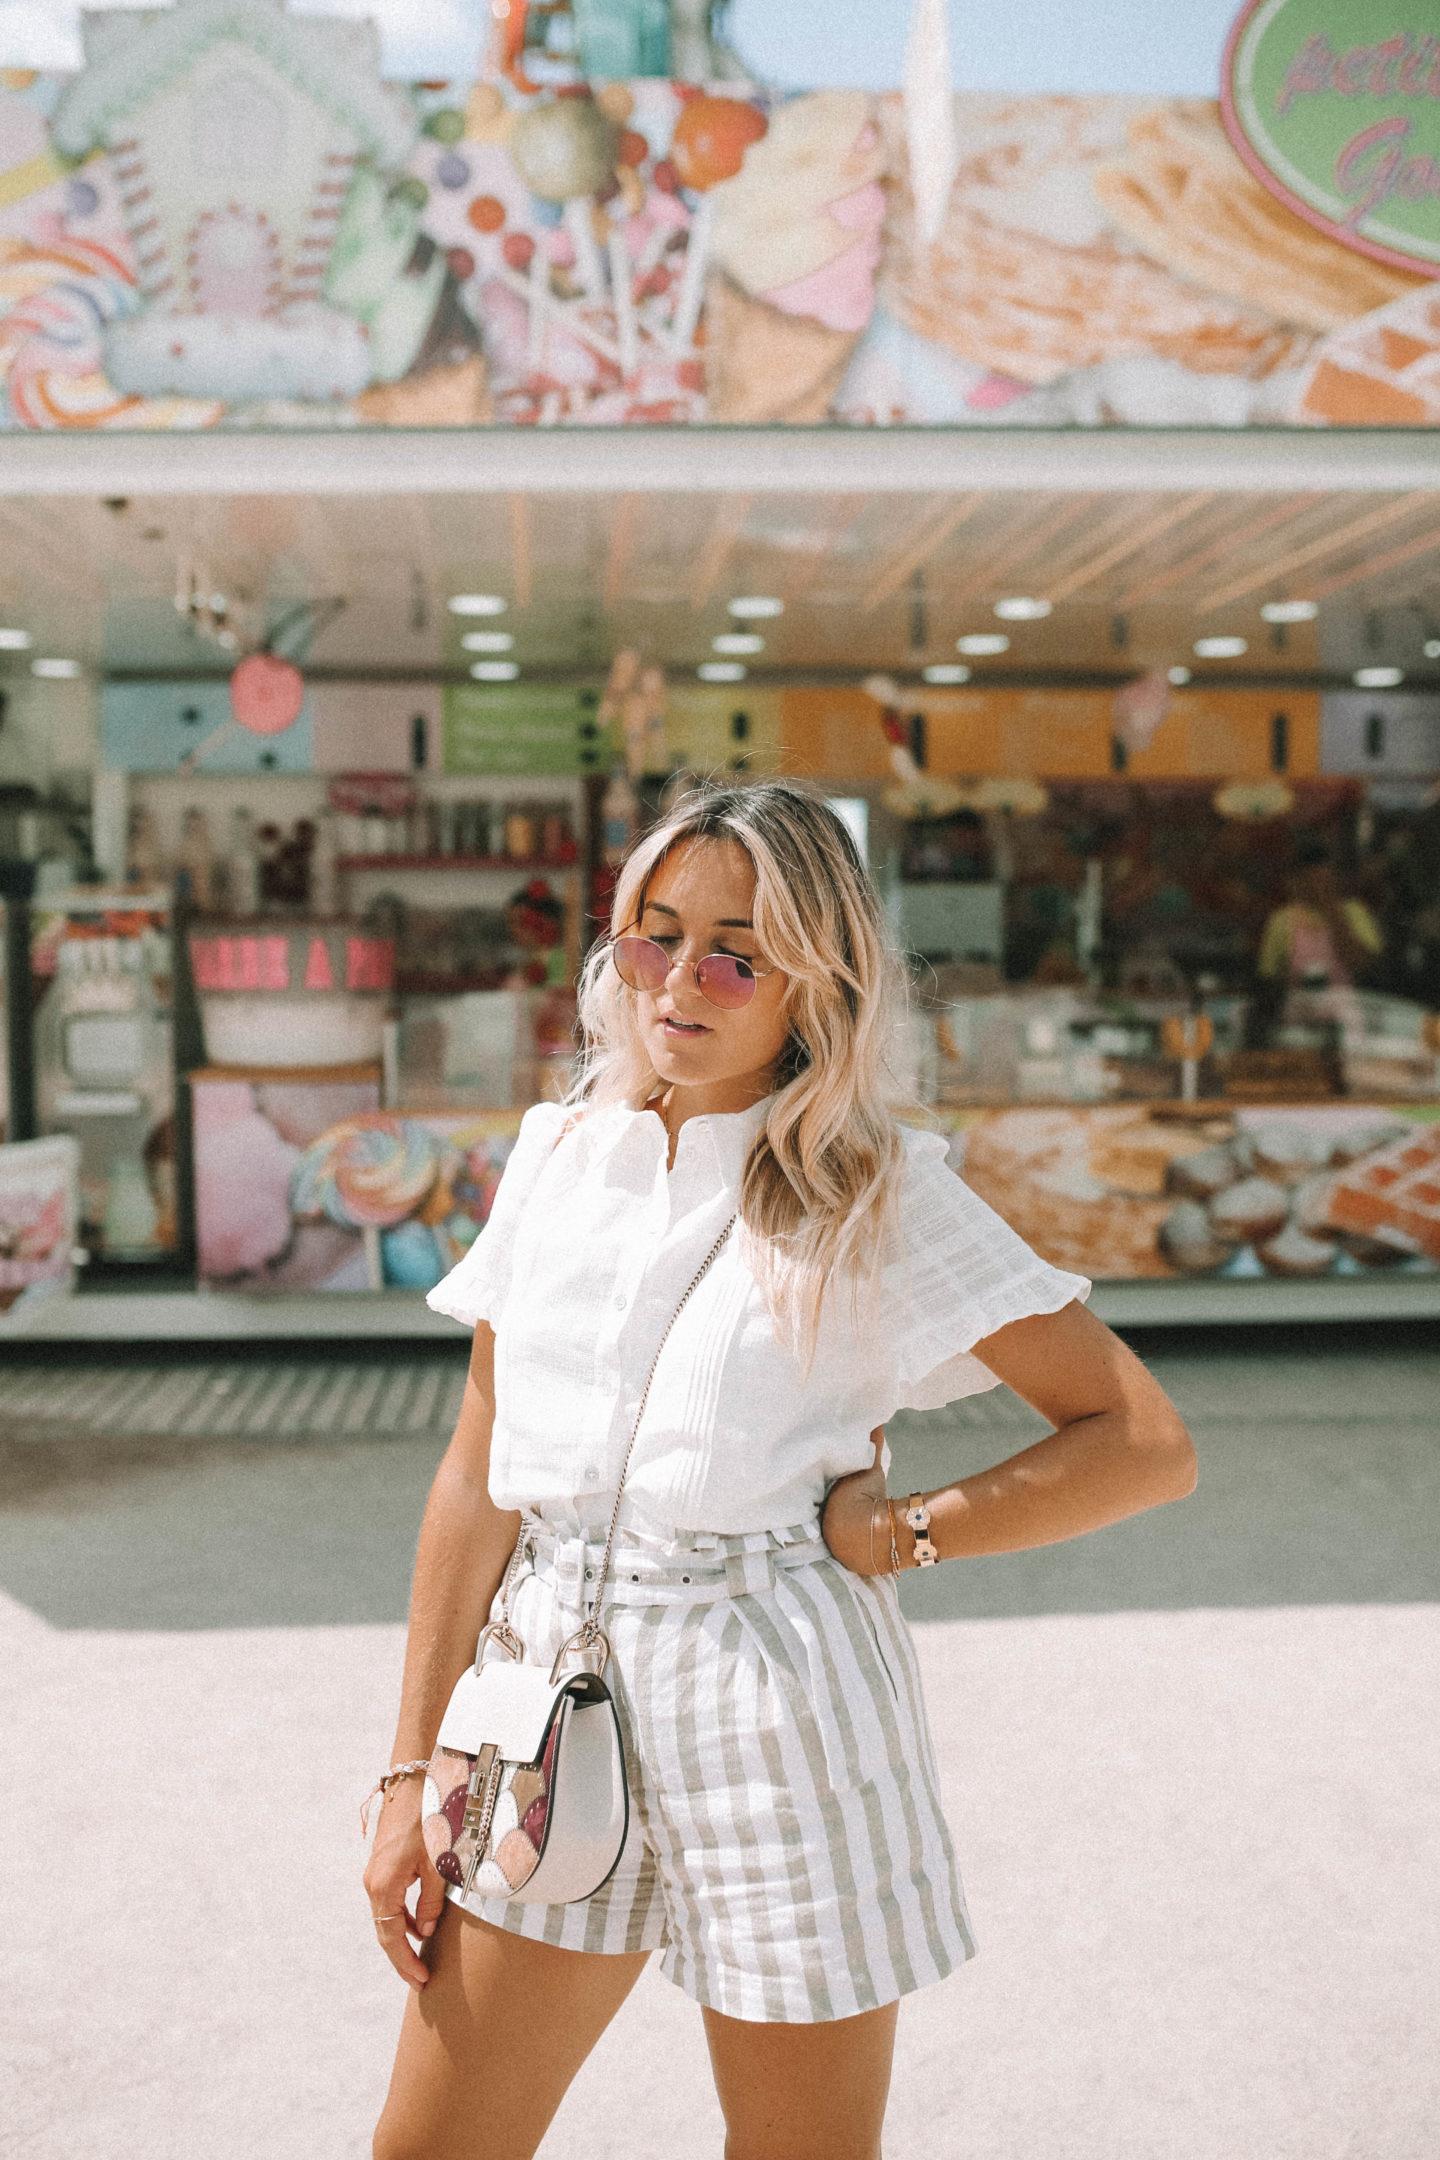 Lunettes Jimmy Fairly - Blondie Baby blog mode et voyages Paris